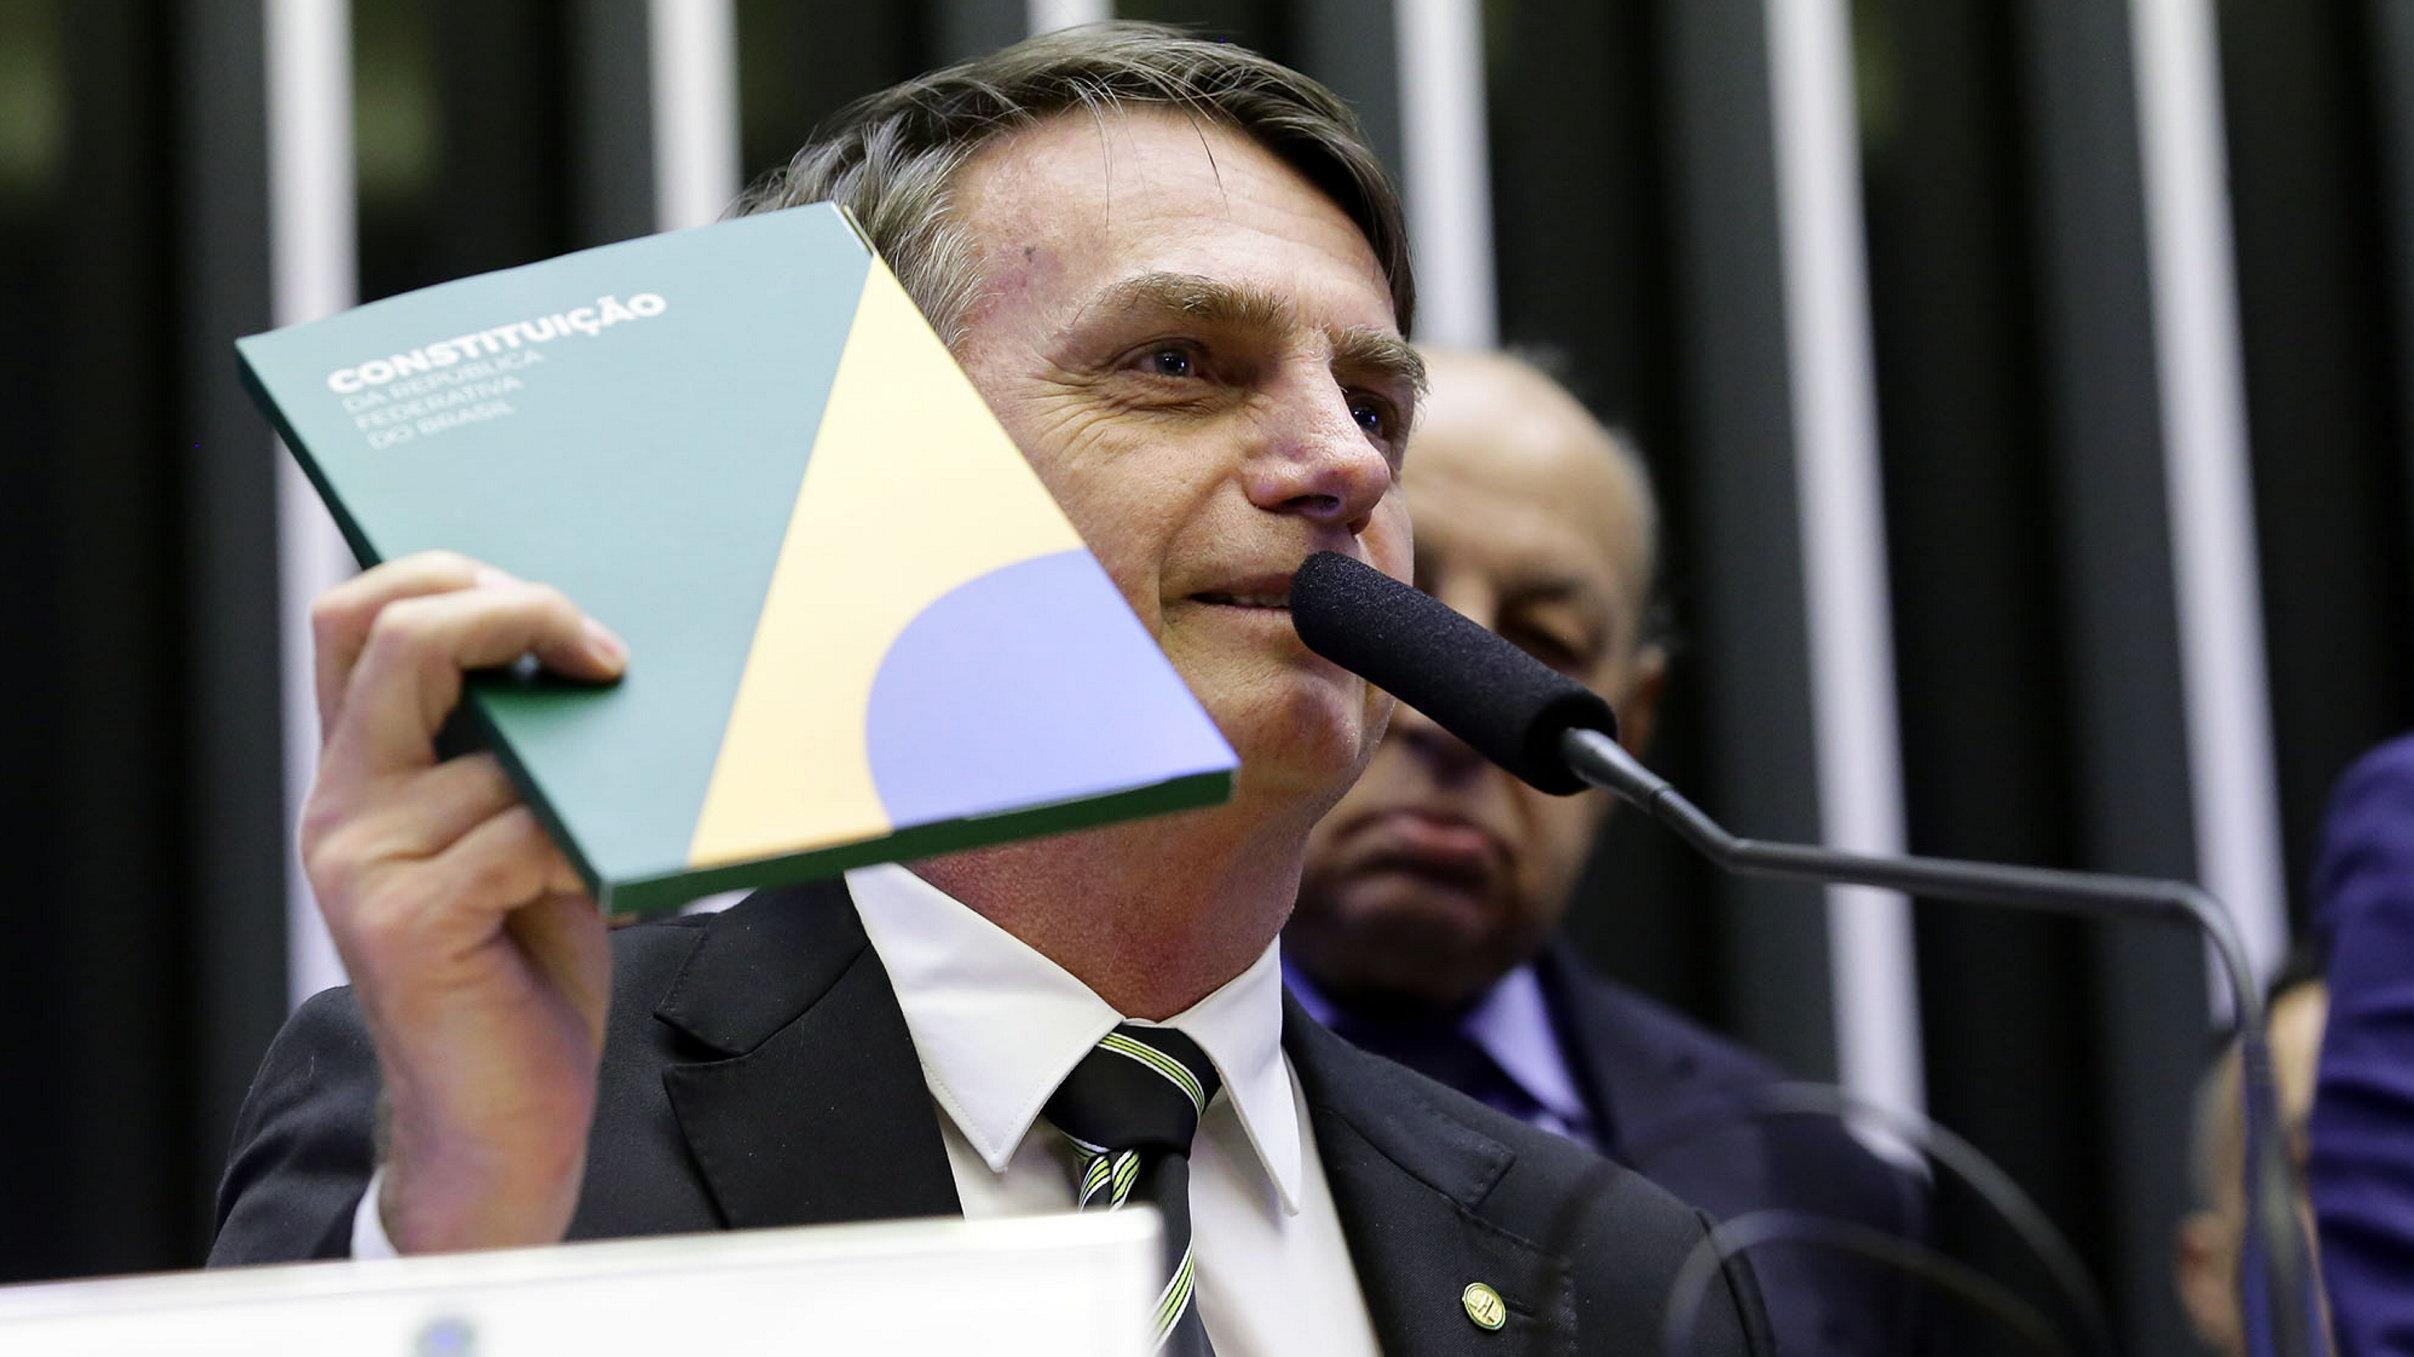 Jair Bolsonaro hält bei seinem ersten Auftritt nach der Wahl die Verfassung hoch. Dabei steht er an einem Mikrofon.